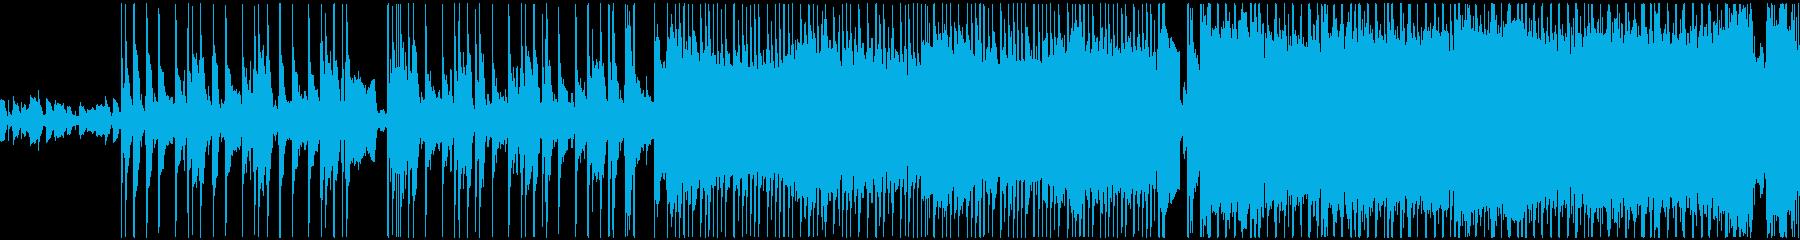 元気で明るい前向きなロックBGMの再生済みの波形